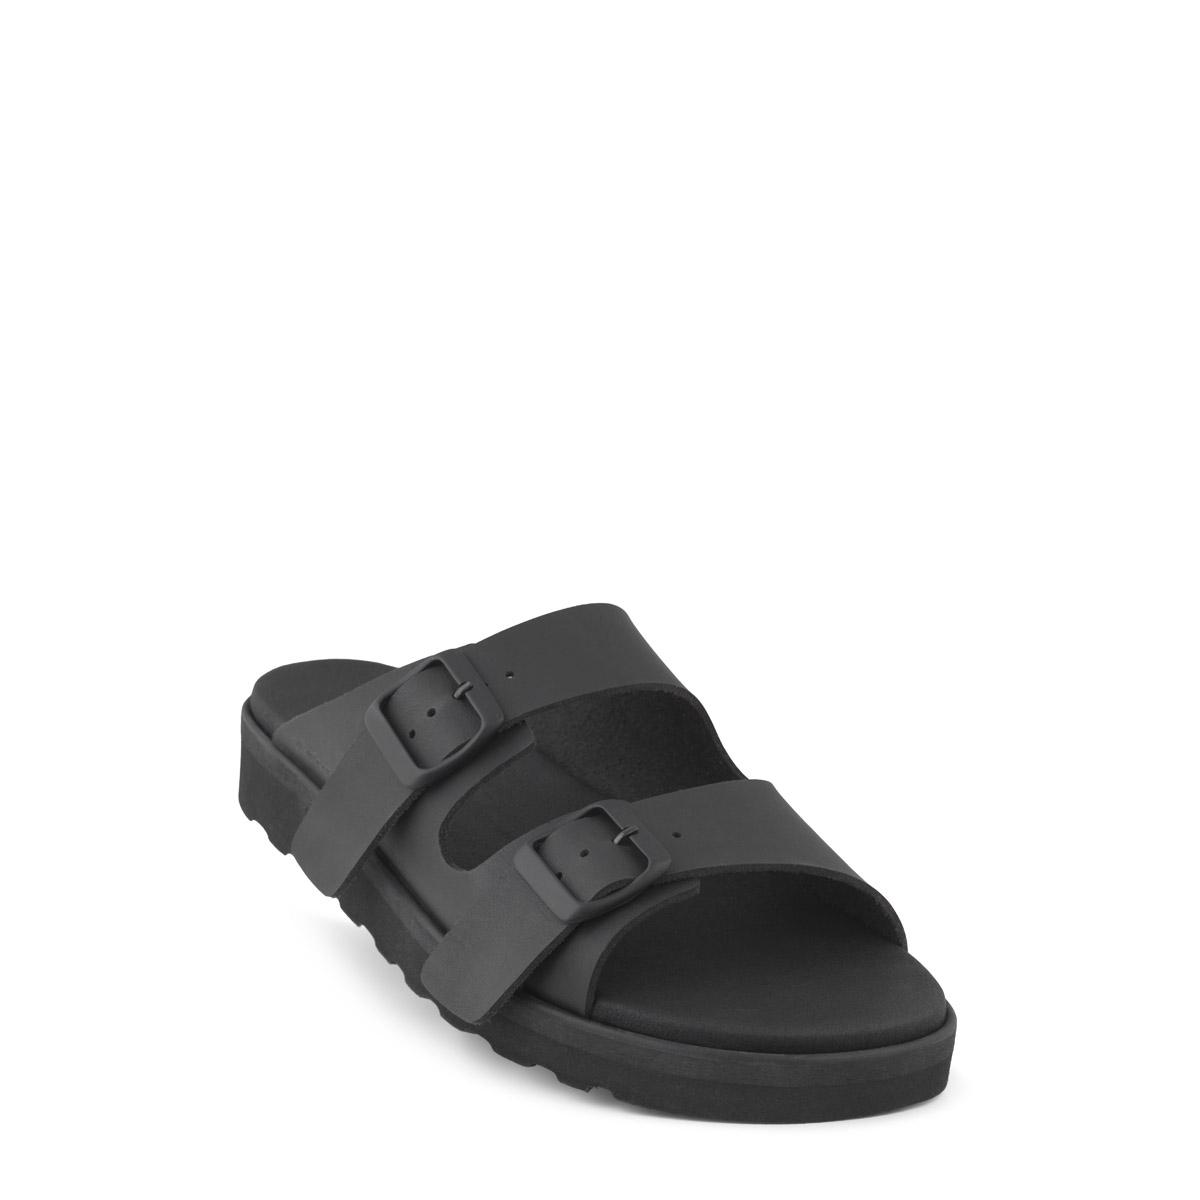 New Feet herre slipper i sort let materiale